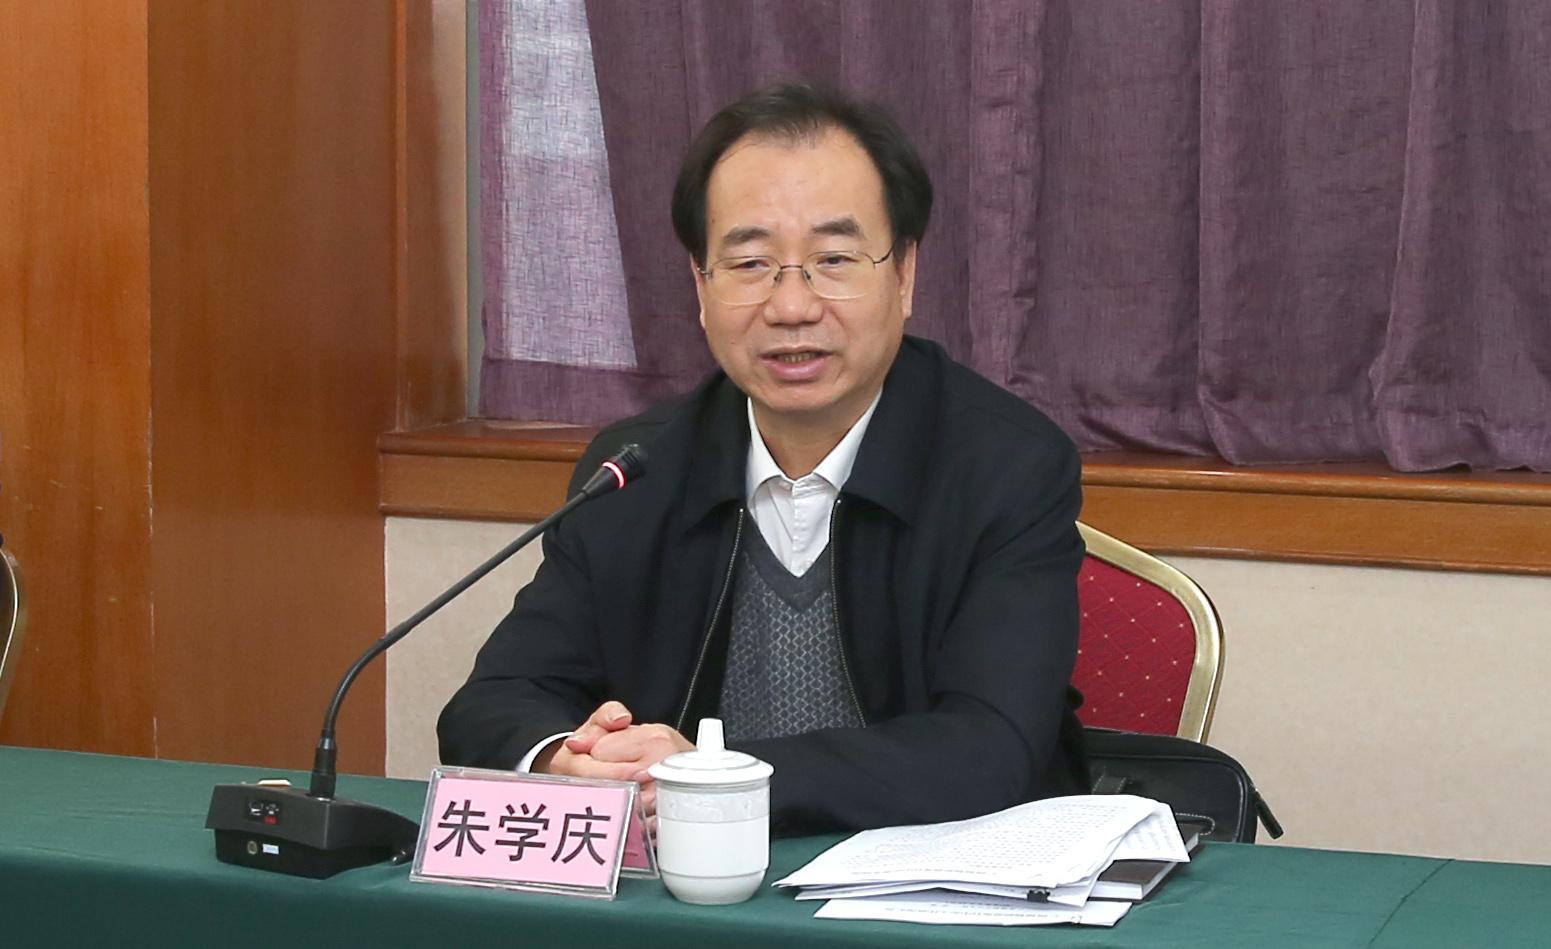 区民政厅党组书记朱学庆赴广西福彩中心指导工作